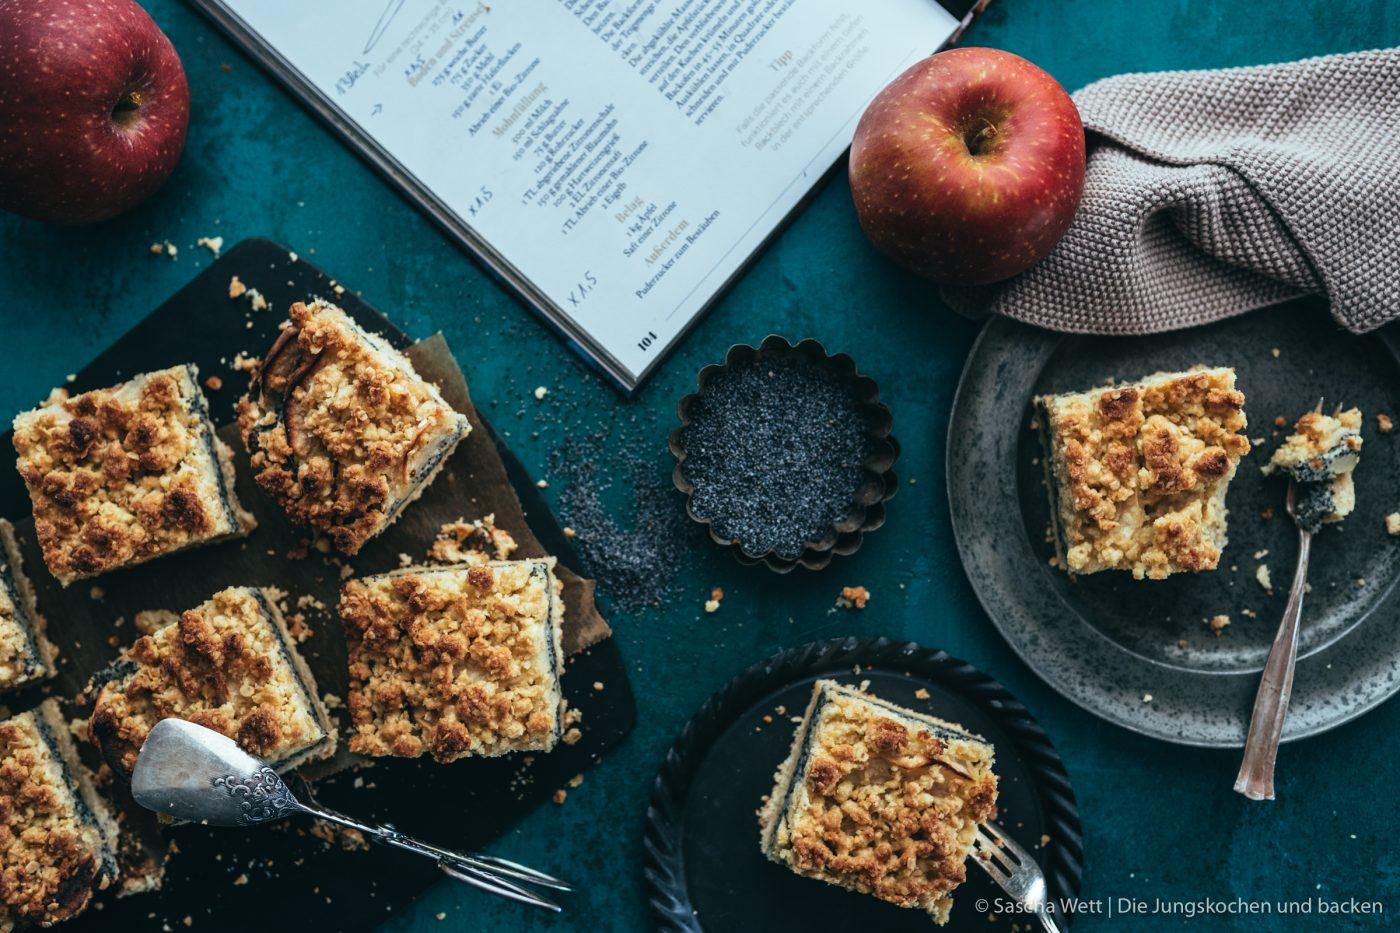 Andrea Natschke Mohn Apfel Streusel 12 | Heut haben wir nicht nur ein verdammt geniales Rezept für euch, sondern auch eine Buchempfehlung, die nicht mehr von Herzen kommen könnte. Das heutige Rezept ist überhaupt gar nicht von uns!!! Es ist von der lieben Andrea von Zimtkeks & Apfeltarte! Sie hat nämlich ein neues Buch rausgebracht und das Thema ist einfach voll unser Ding. Es geht um Alles rund um den Apfel. Wer mag auch keinen Apfelkuchen & Co?!? Wir haben lange überlegt, welches Rezept wir als erstes ausprobieren möchten - Torsten hat ein wenig Überzeugungsarbeit geleistet und die Wahl fiel auf die Apfel-Mohn-Schnitten mit Streuseln.